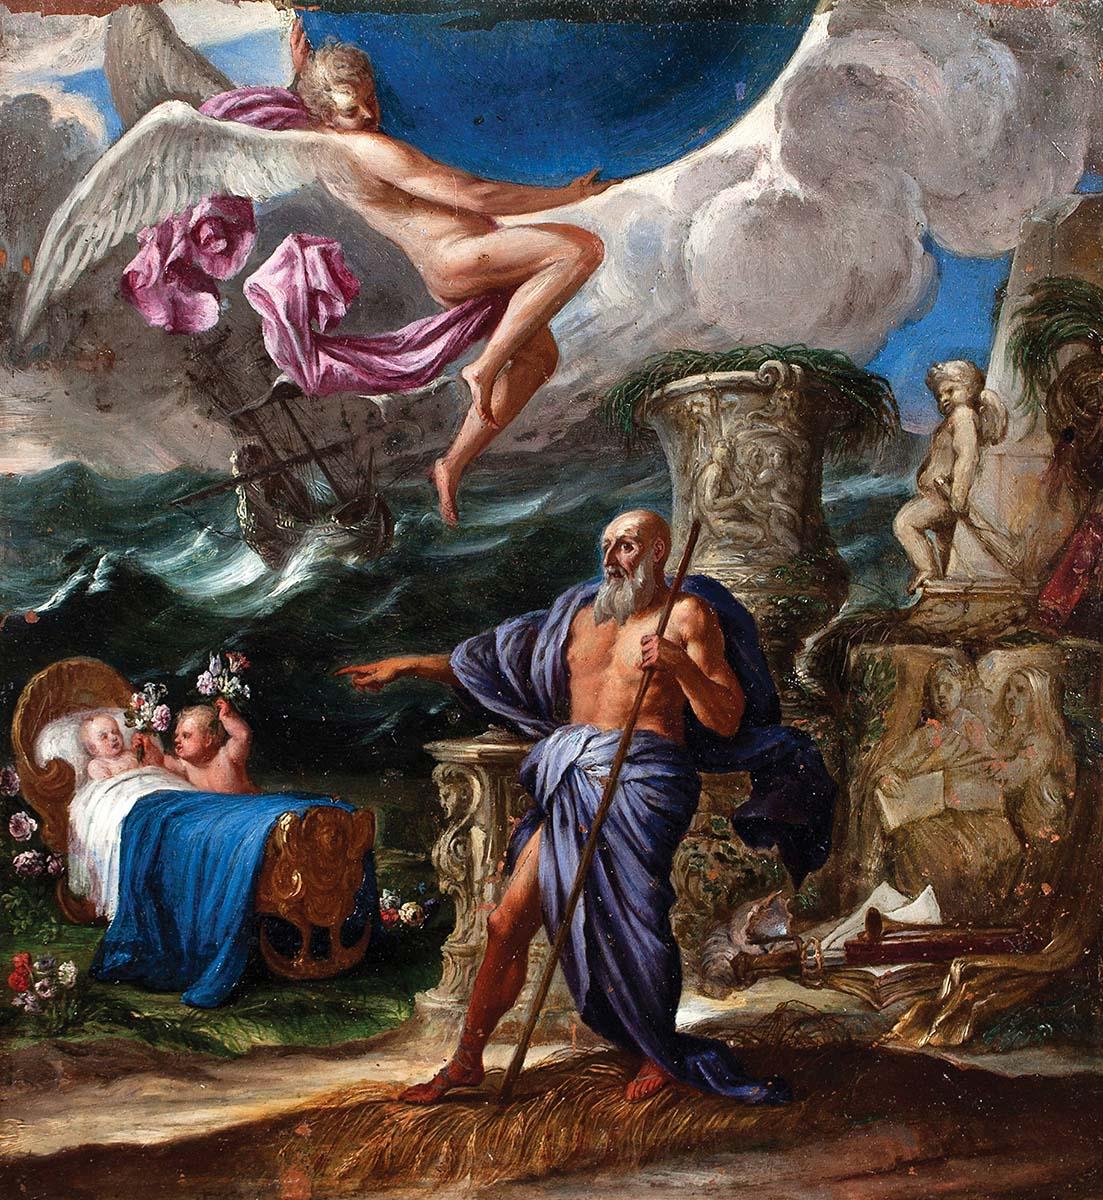 Atribuido a Giulio Carpioni. Alegoría del nacimiento de un príncipe o princesa. Salida: 16.000 euros. No vendido